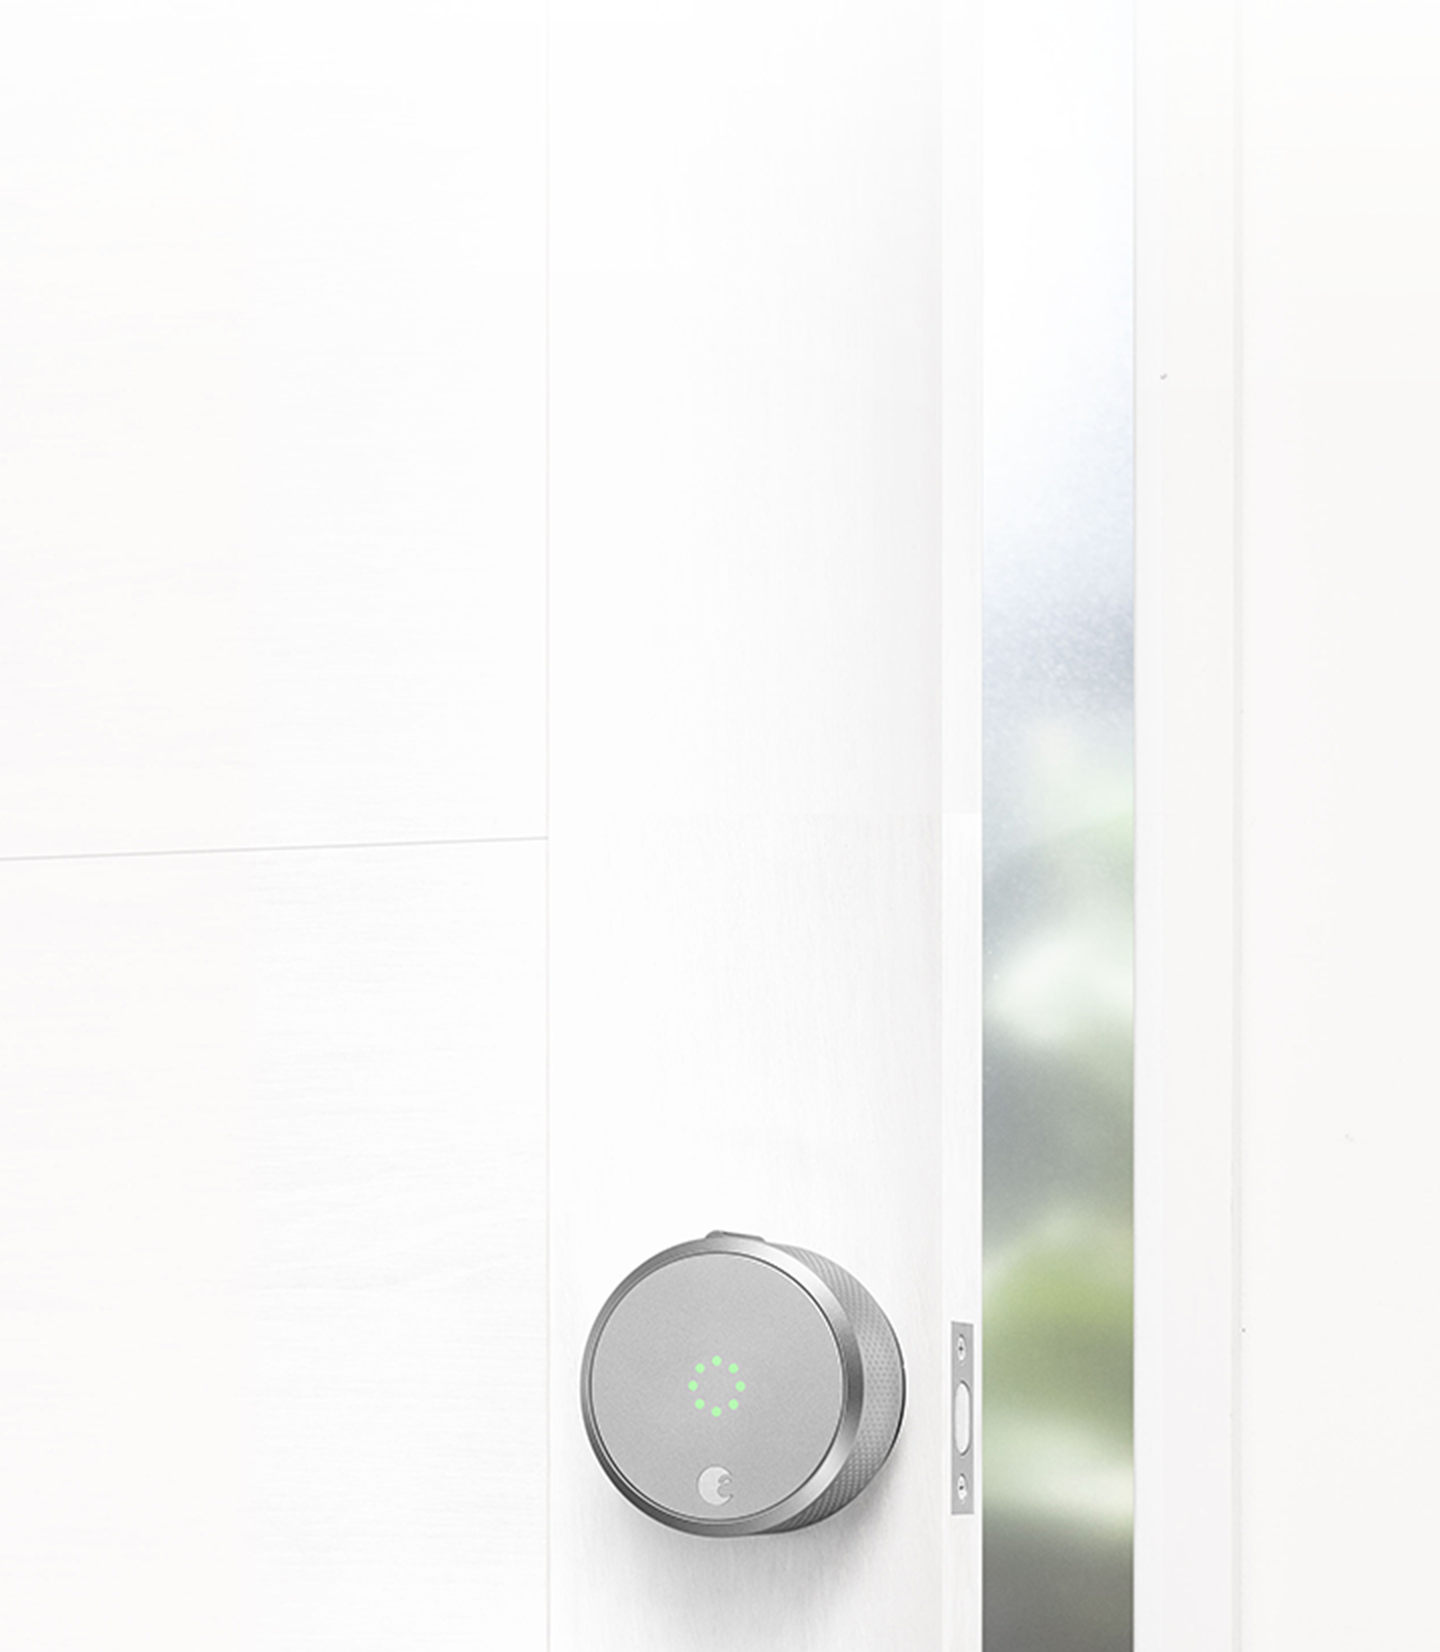 Smart Lock Pro Smart Door Lock